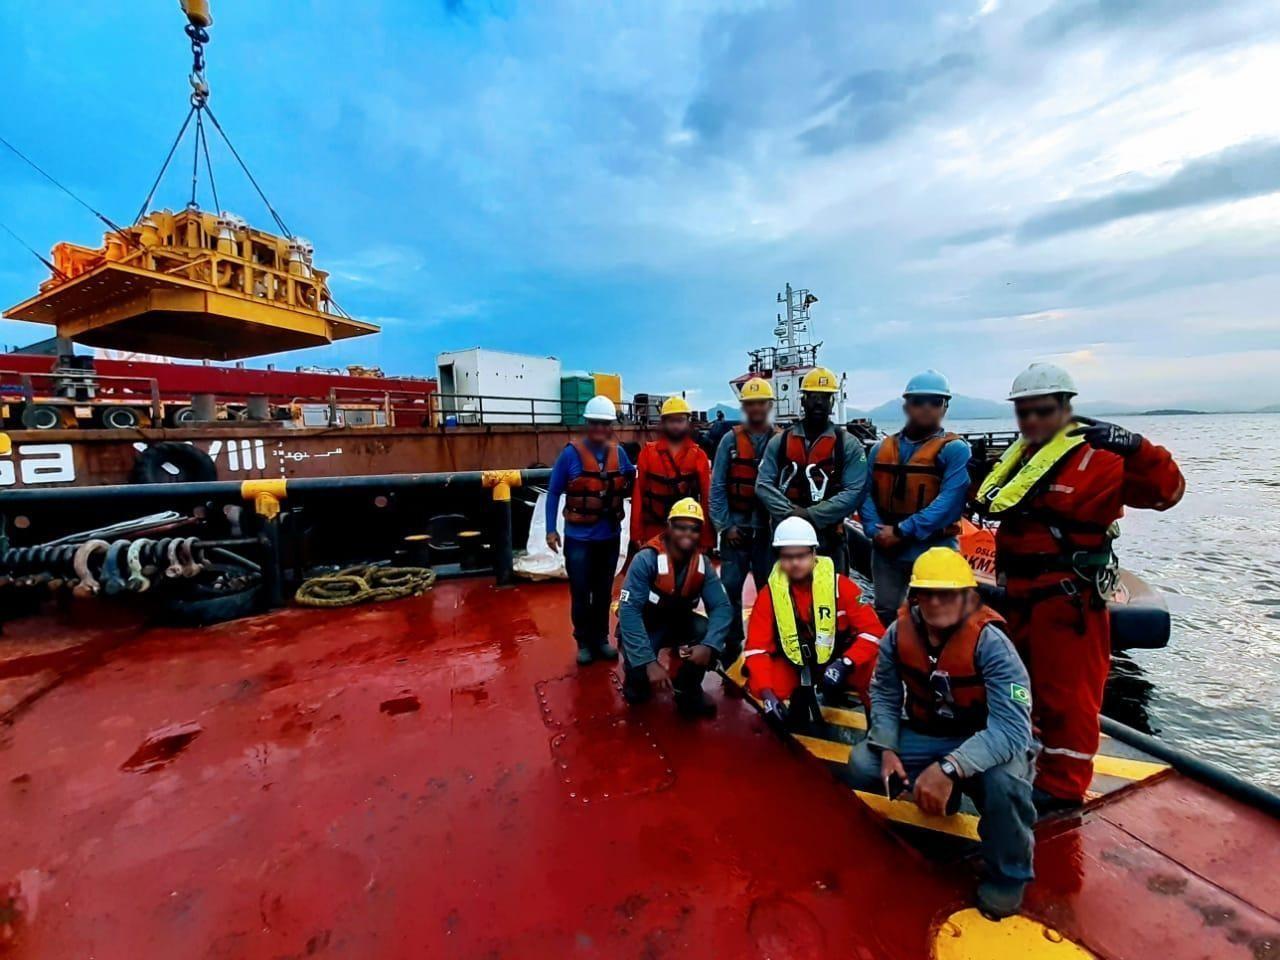 Multinacional de Recrutamento e Seleção inicia cadastro de currículo para vagas offshore, hoje 20 de março